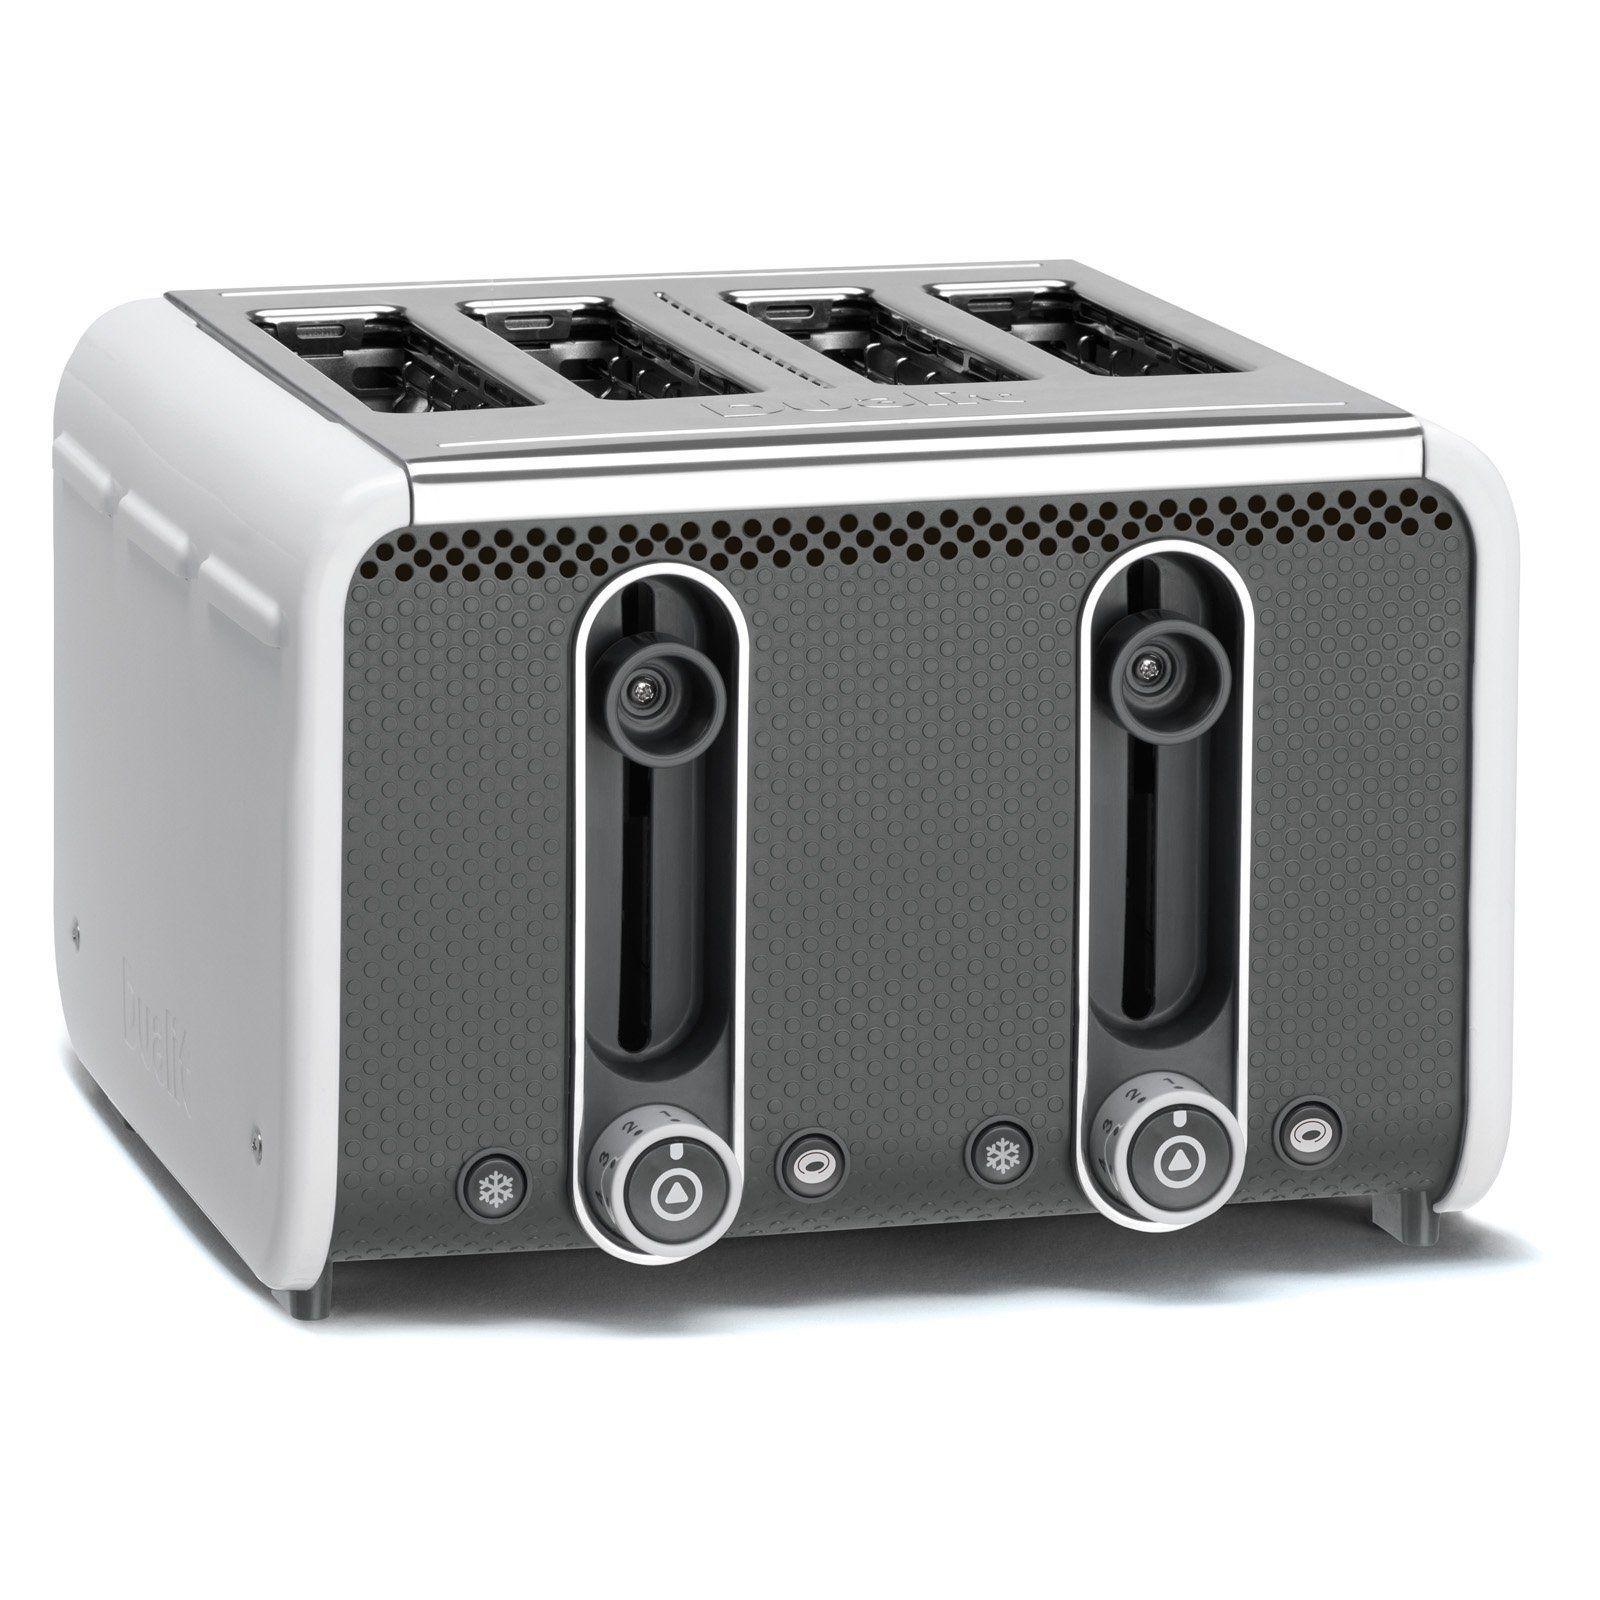 Dualit 46432 4 Slice Toaster White/gray 46432 White